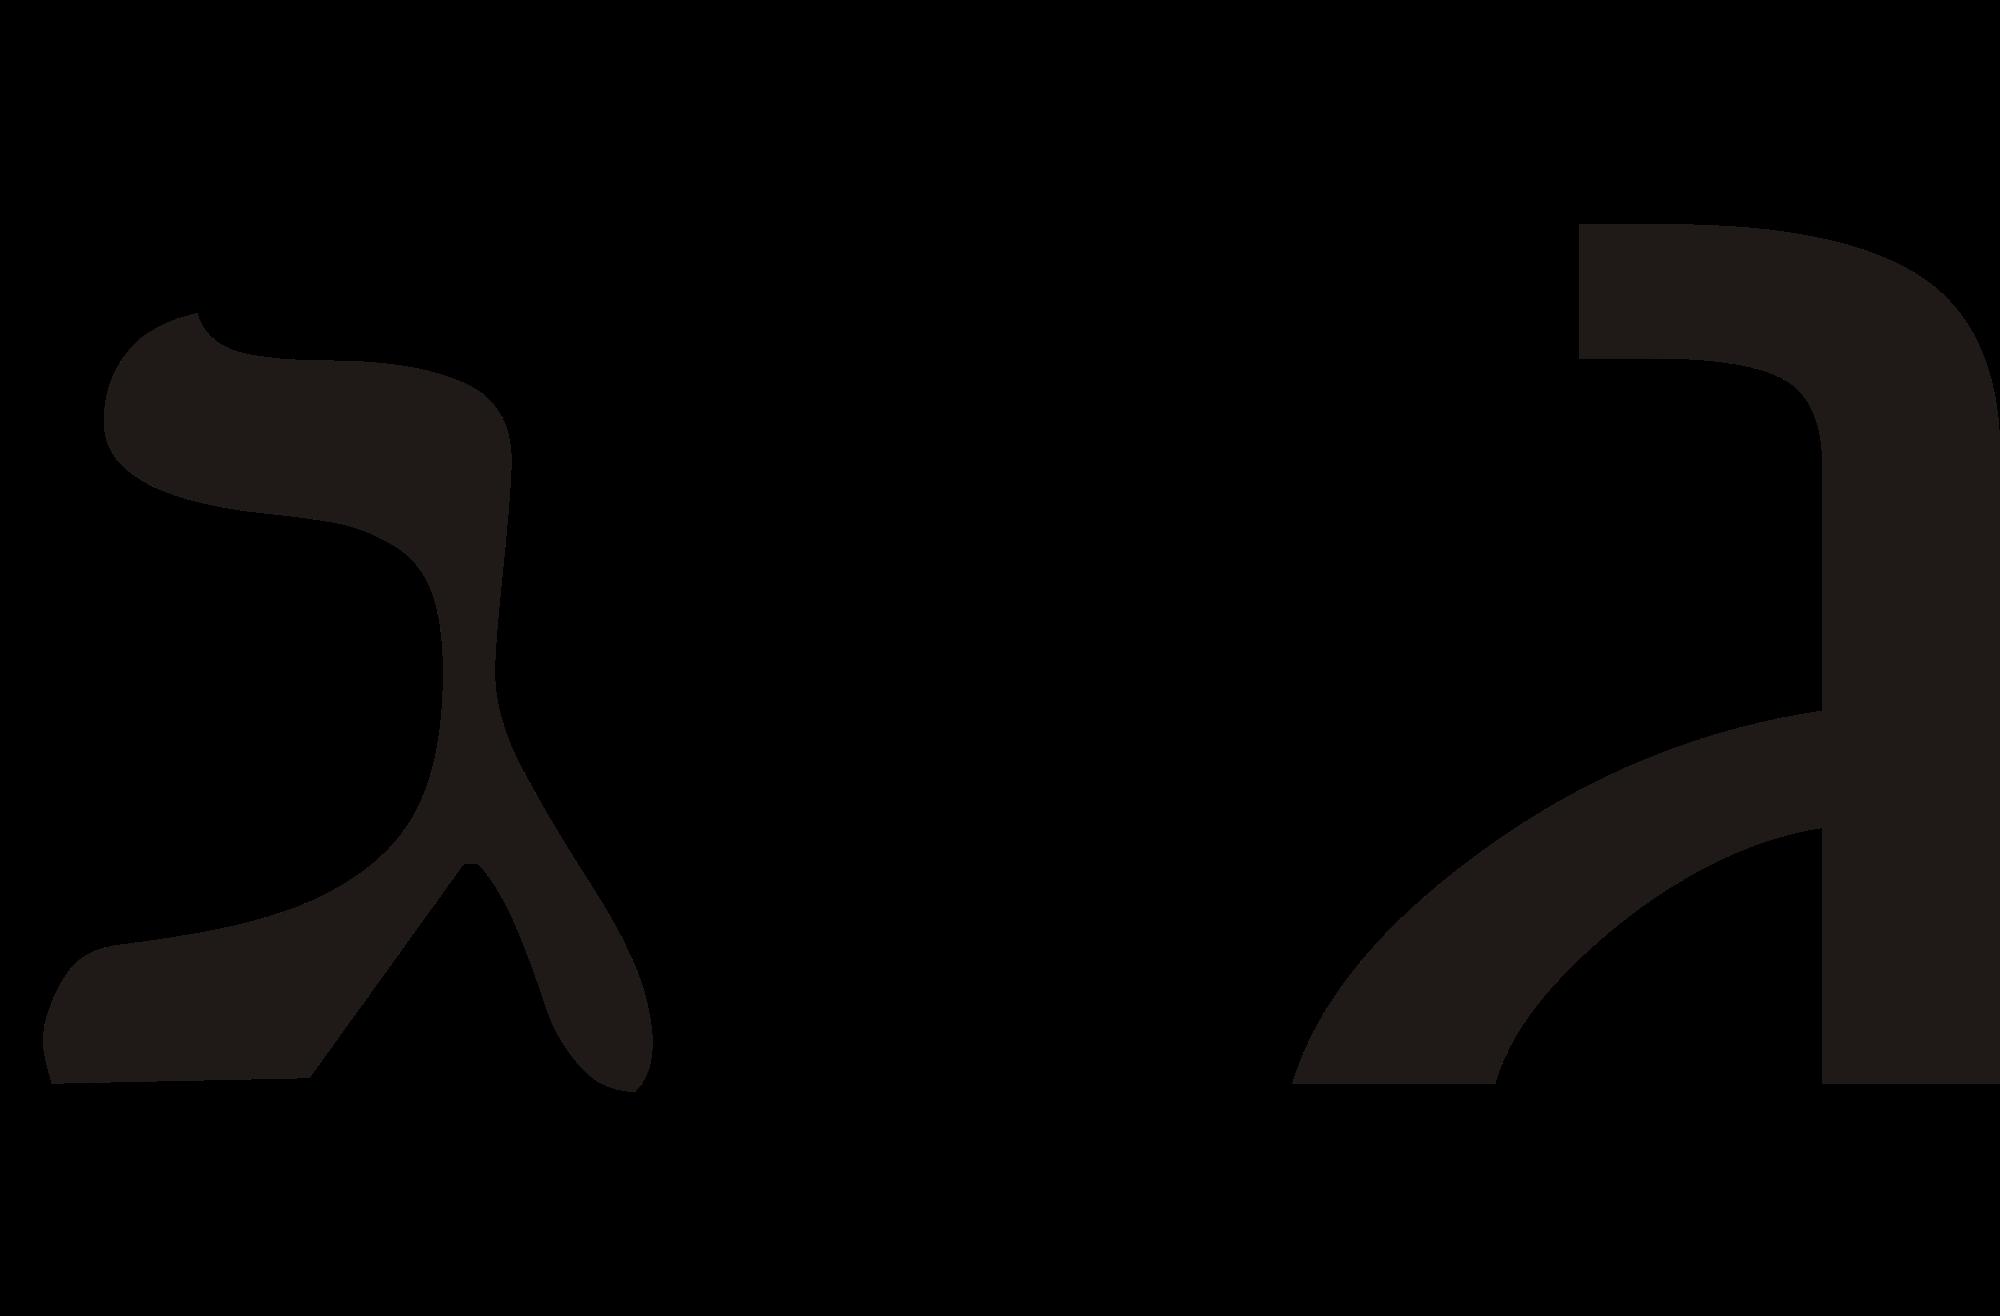 File hebrew letter gimel. Dreidel clipart svg